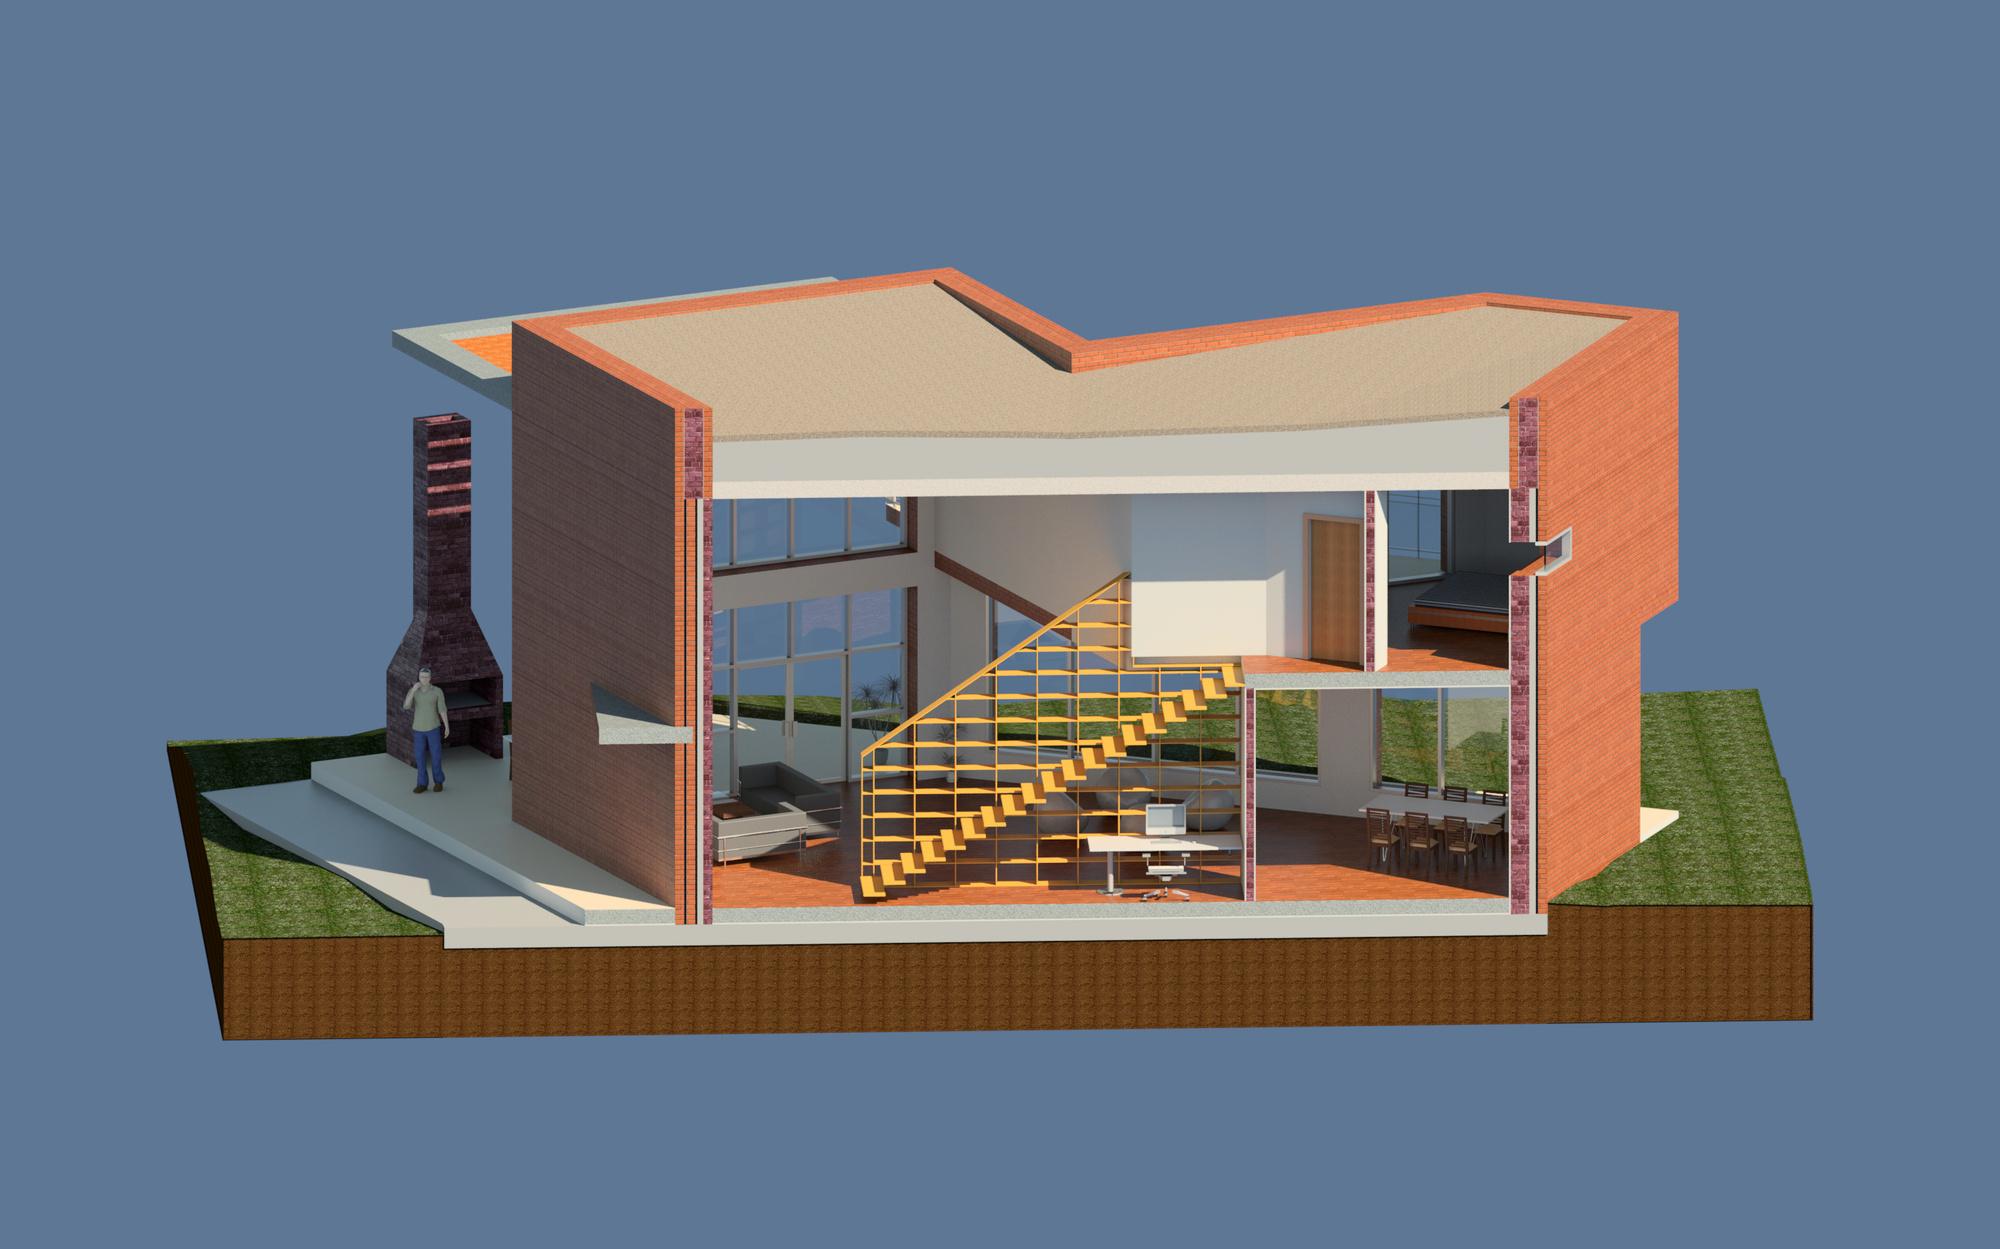 Raas-rendering20150604-11991-1tihci3